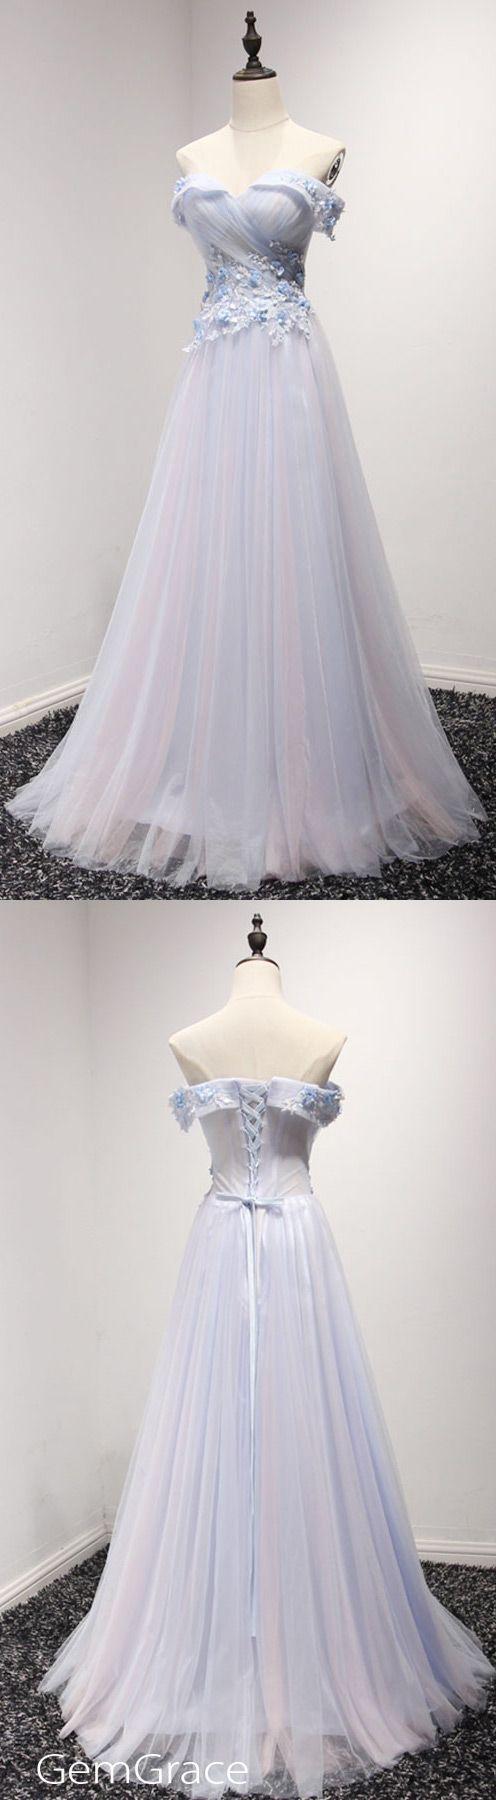 best dresses images on pinterest dream dress long prom